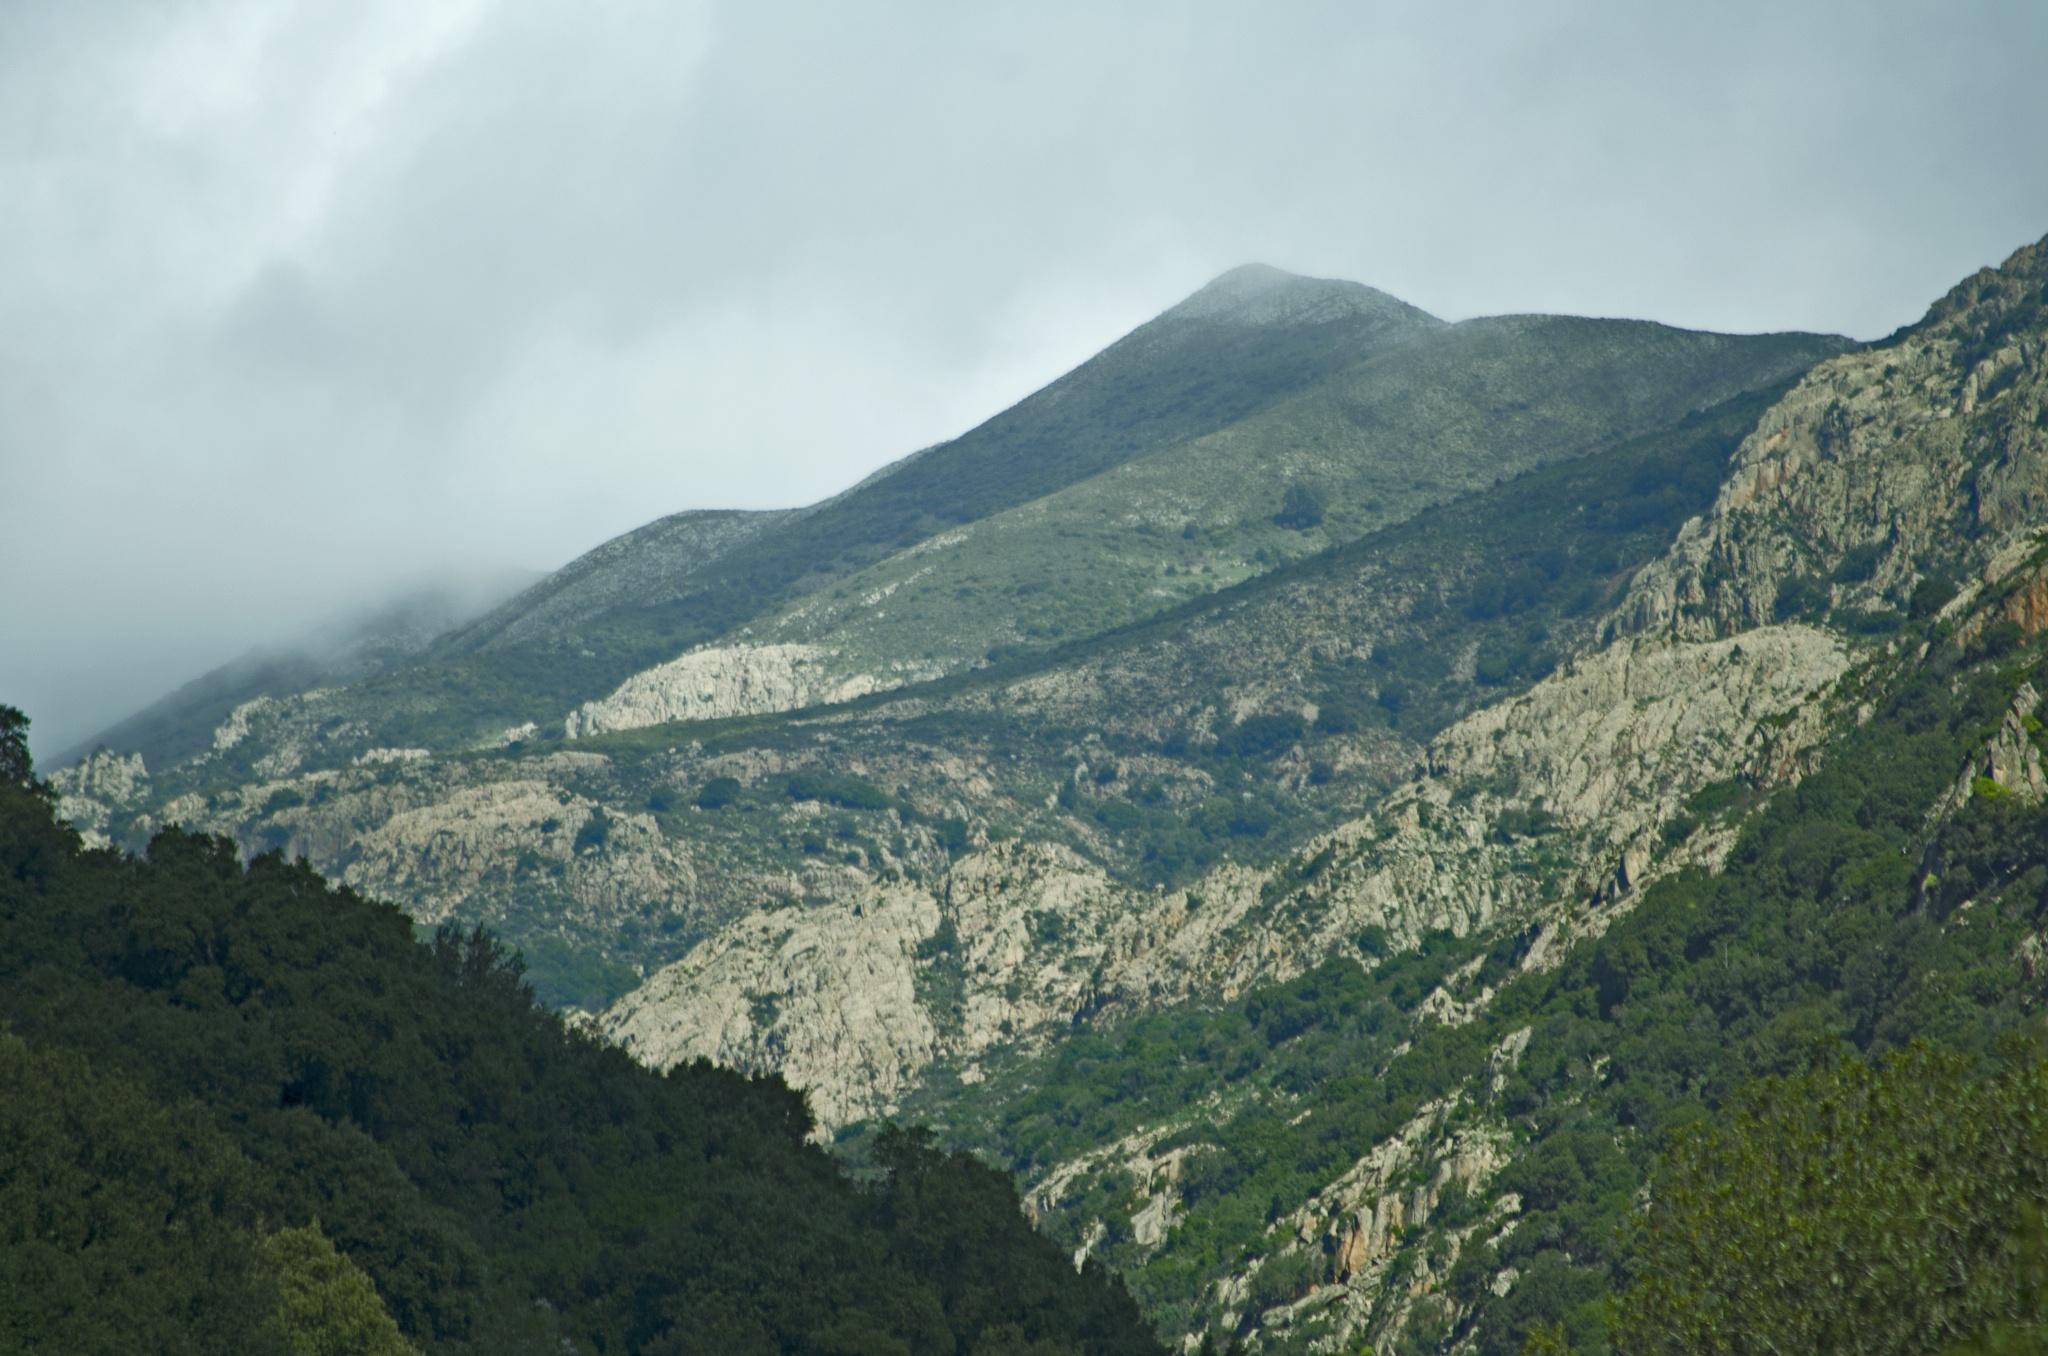 Le montagne di Villacidro  by elena.dessi